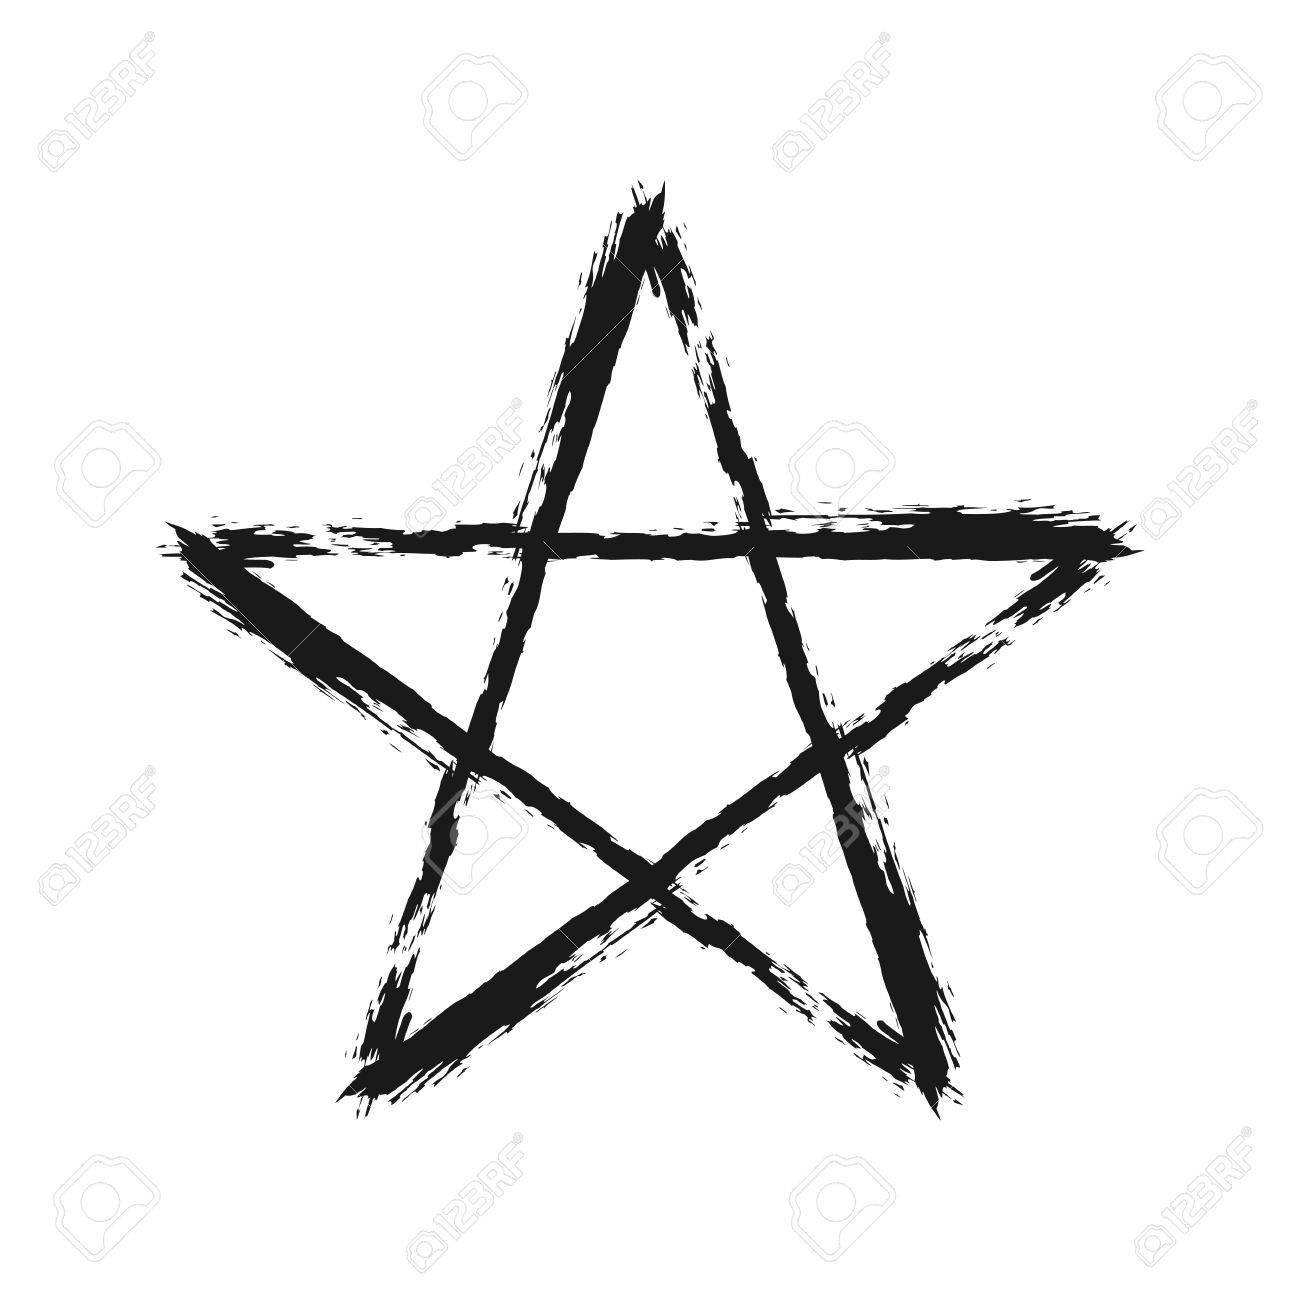 Star Schematic on